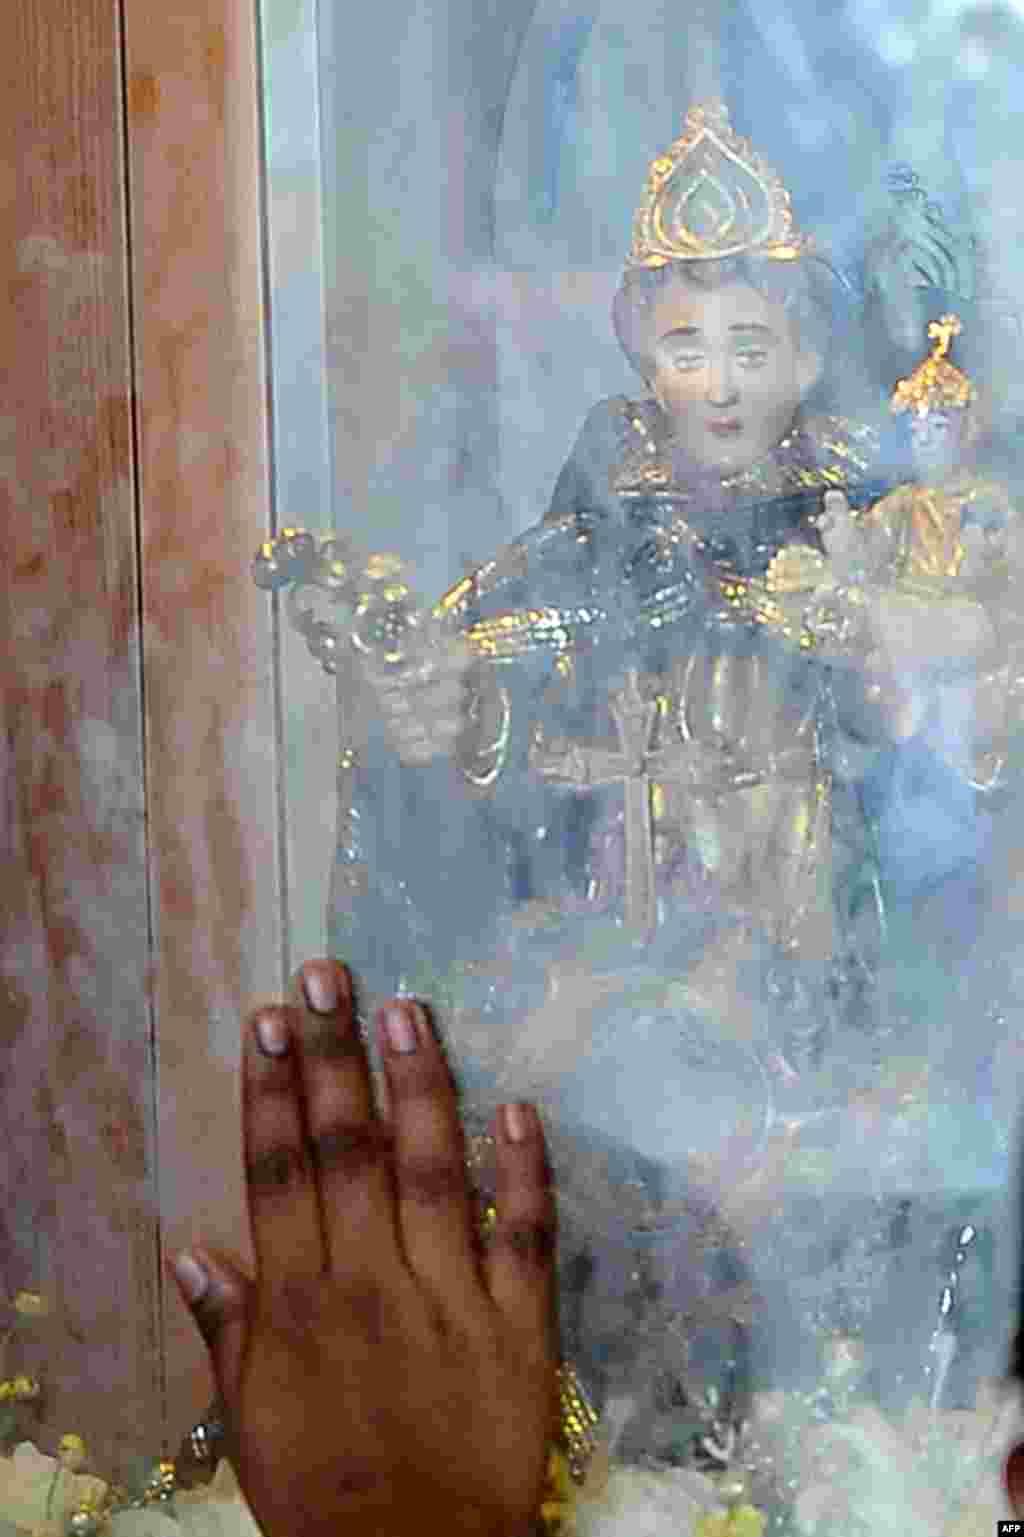 Một tín đồ Công Giáo Sri Lanka sờ tấm kính gần một hình tượng trong một thánh lễ tại một nhà thờ ở Colombo.